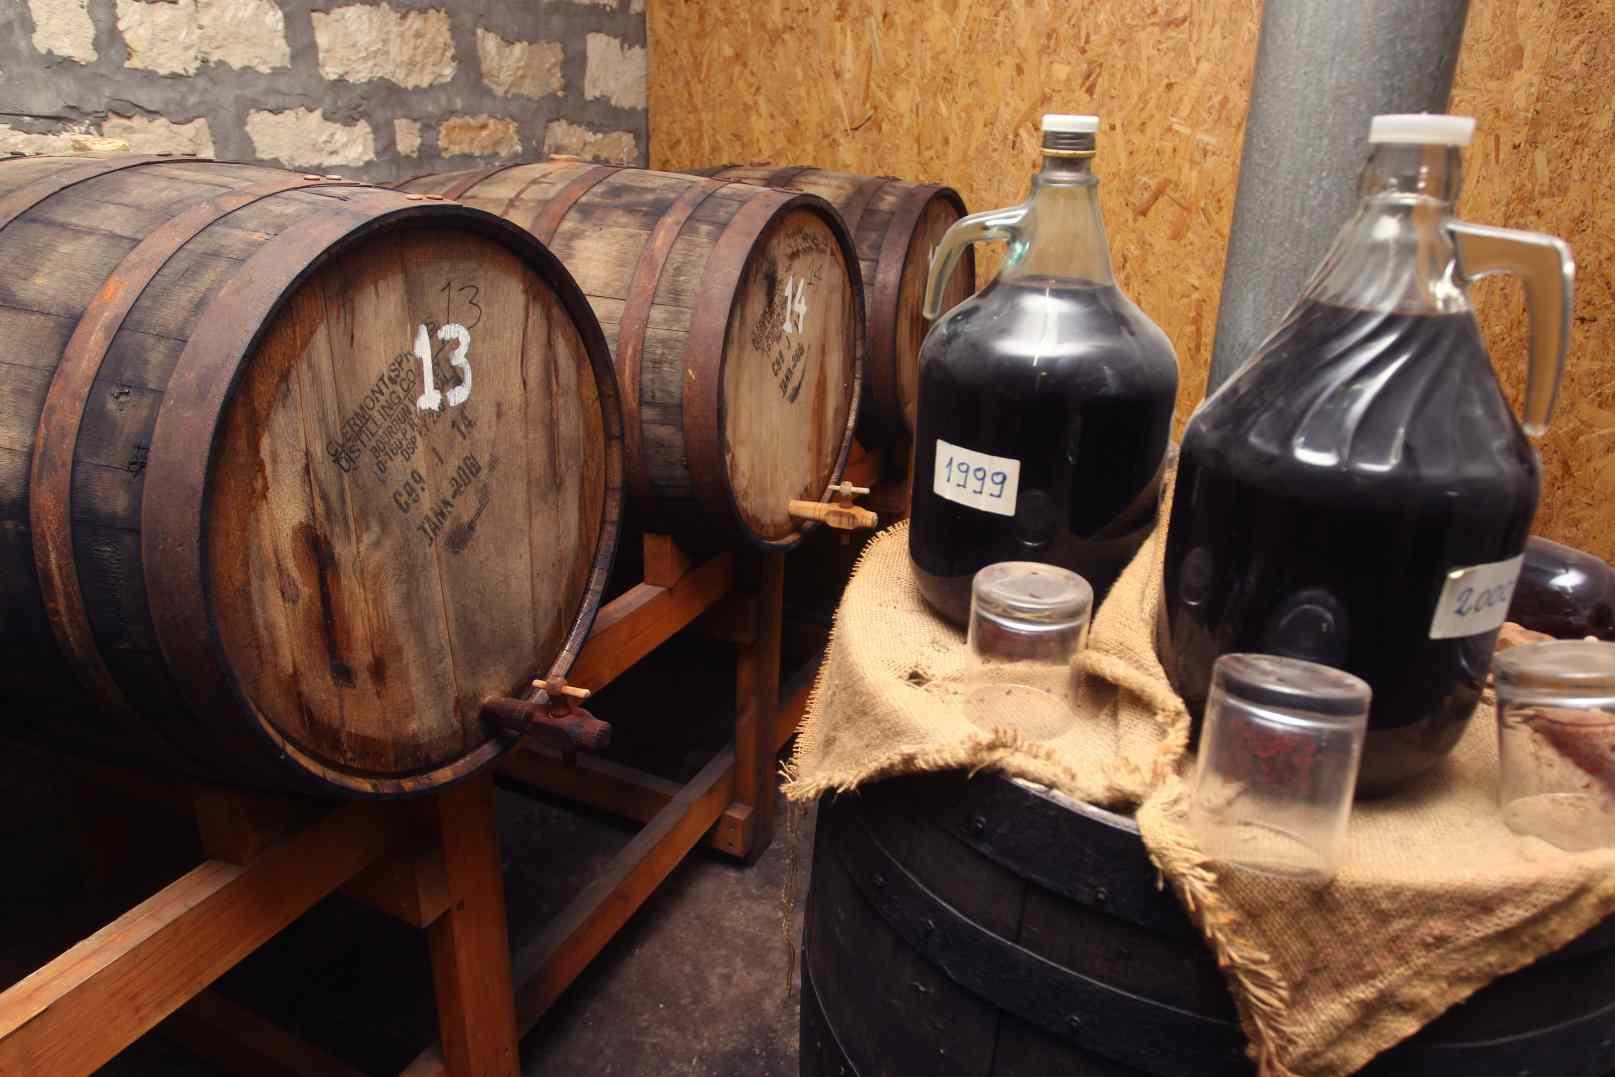 perierga.gr - To αρχαιότερο κρασί στον κόσμο παράγεται στην Κύπρο!